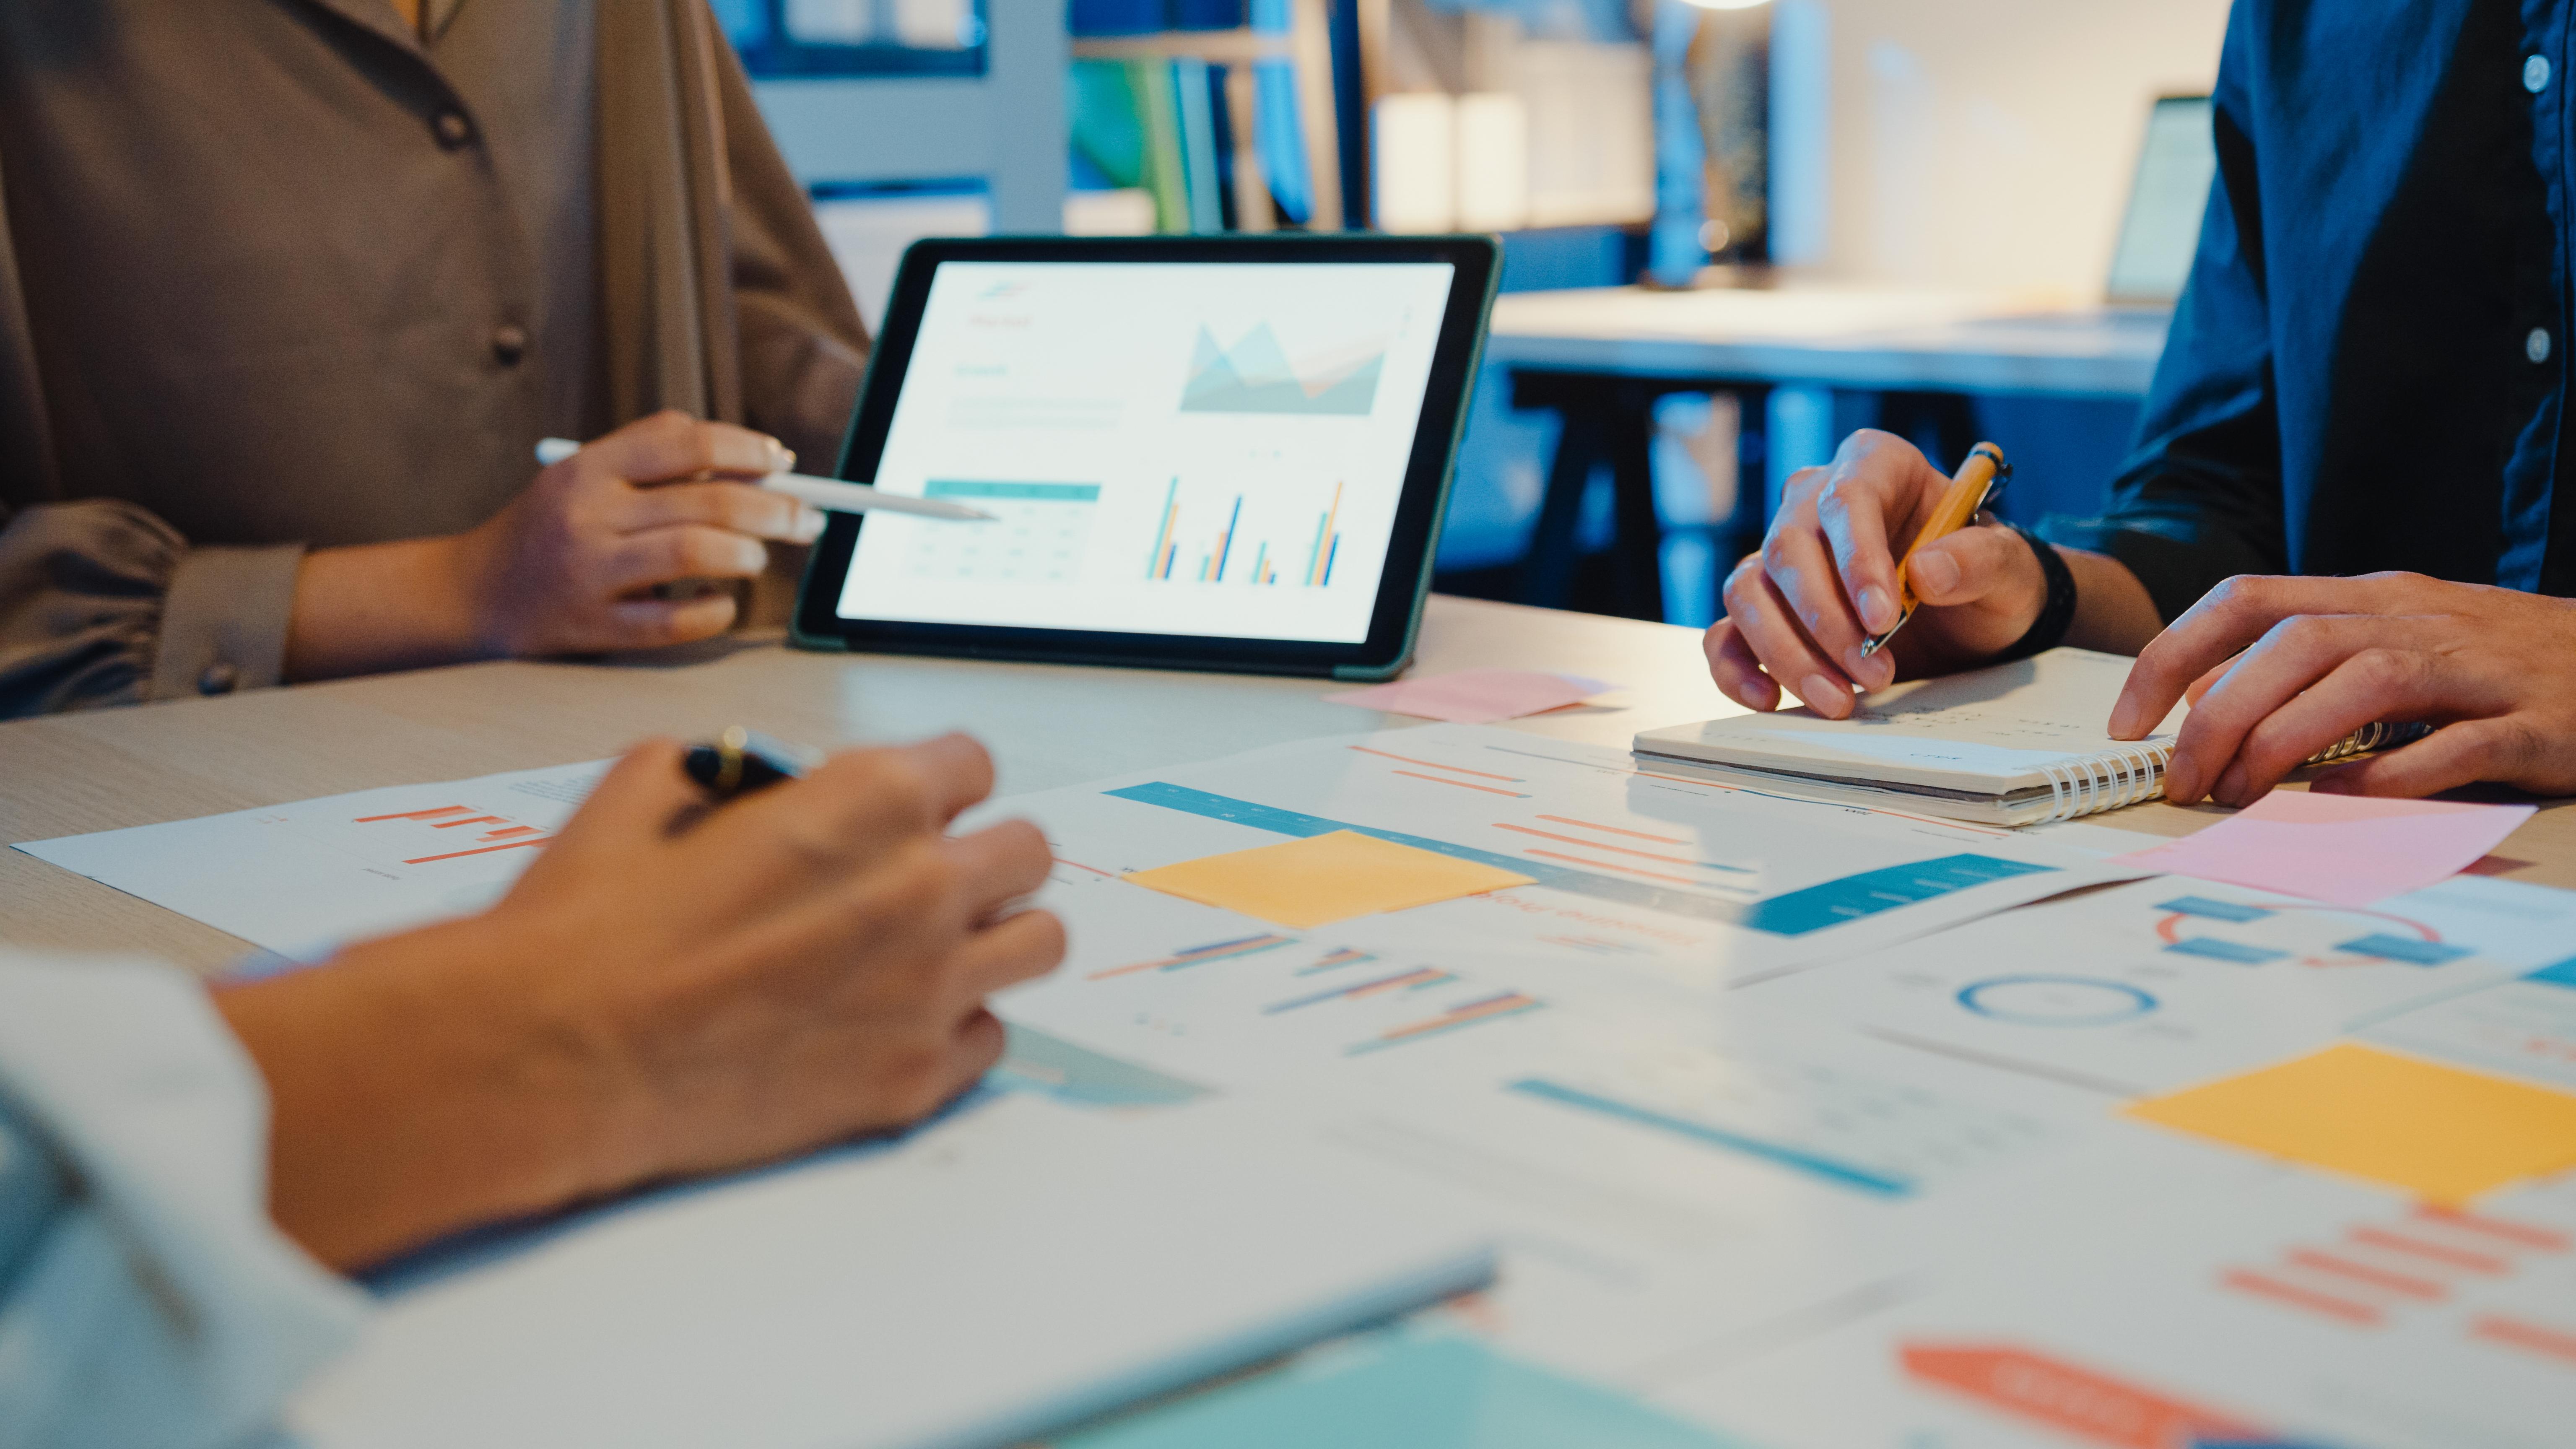 asia-business-people-meeting-plan-analysis-statist-YP5RA86